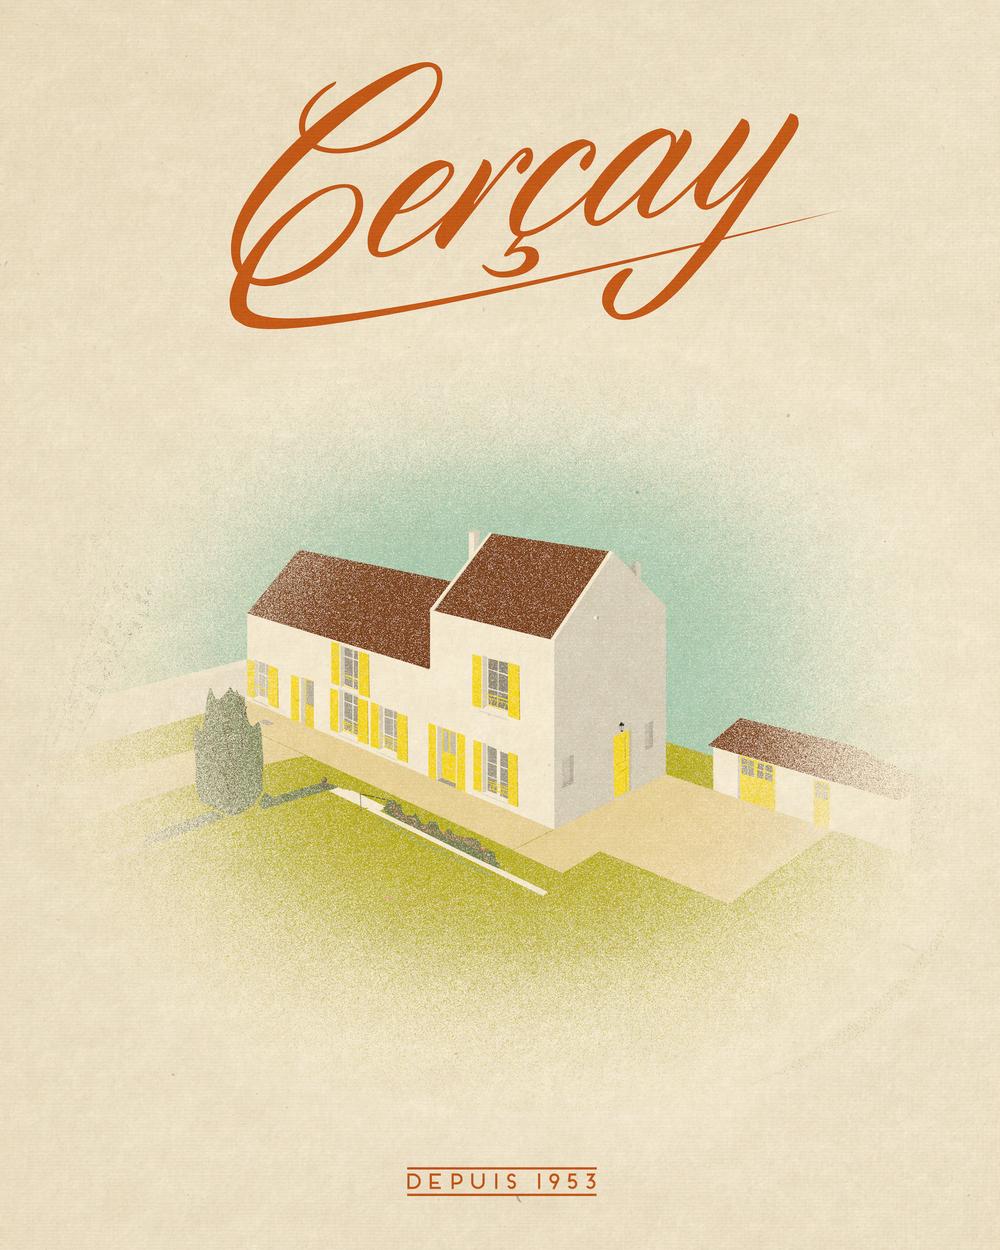 Cercay - copie-01-01 - copie.jpg